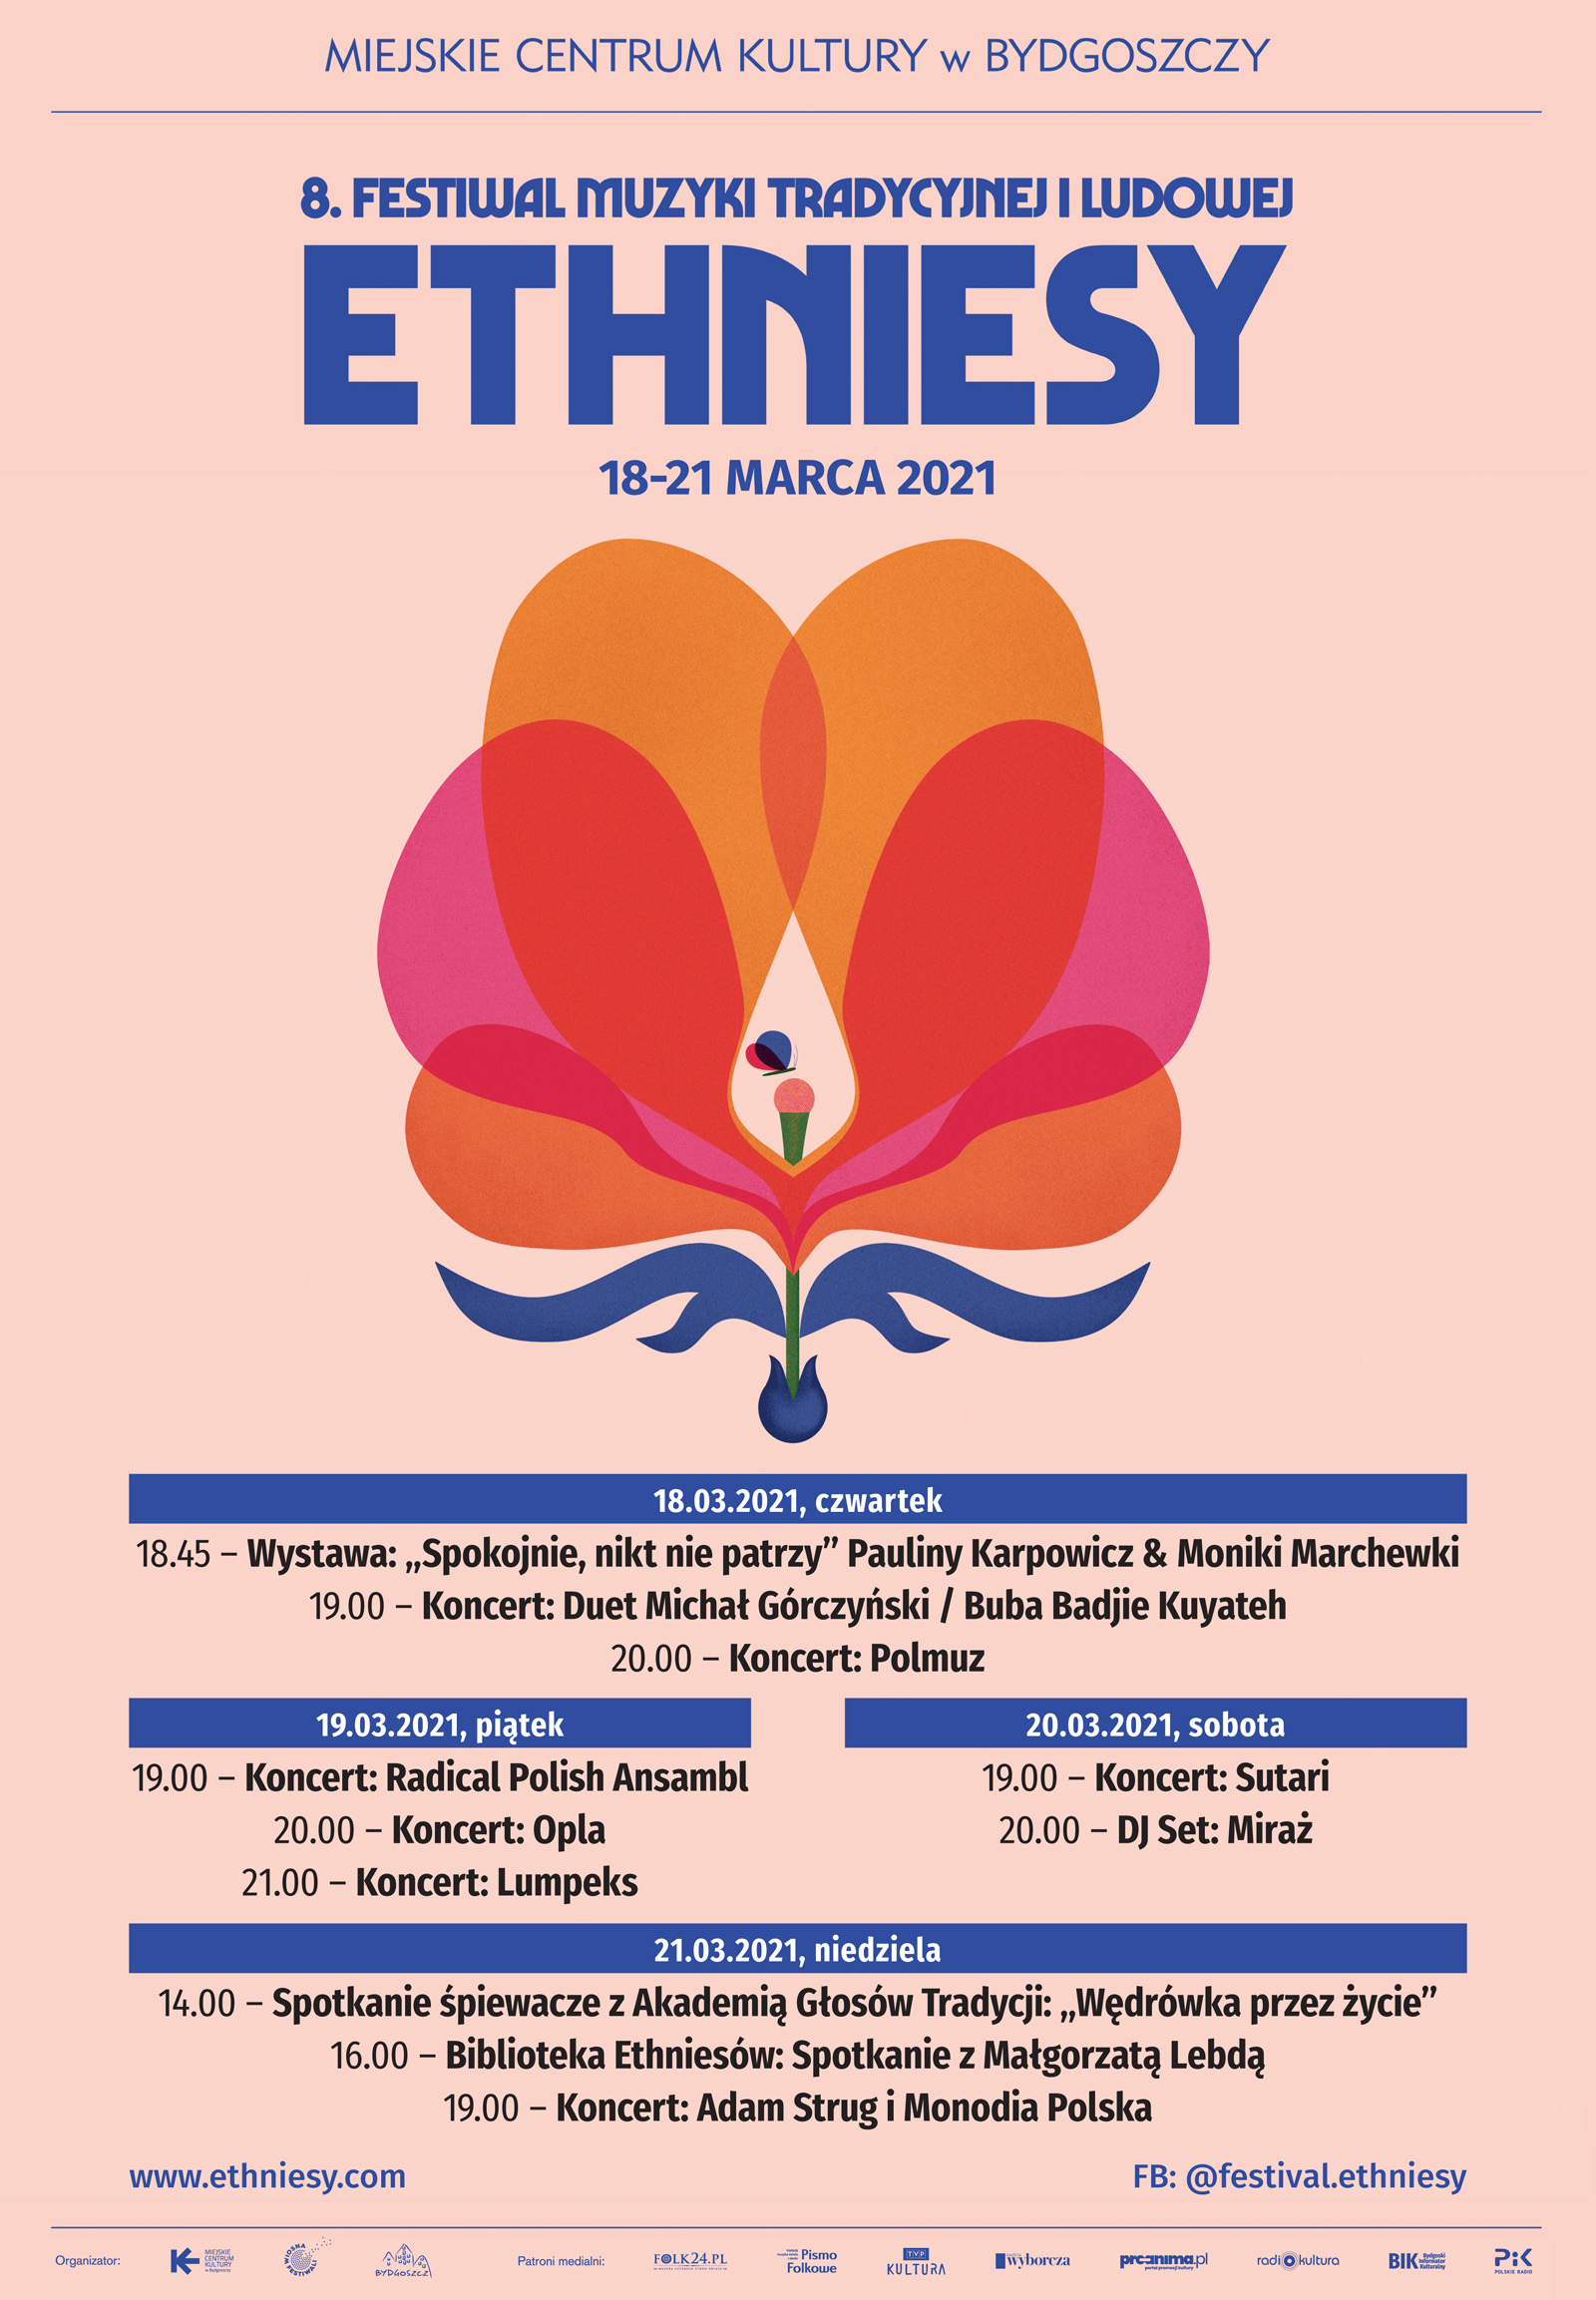 8. Międzynarodowy Festiwal Muzyki Tradycyjnej i Ludowej ETHNIESY 2021